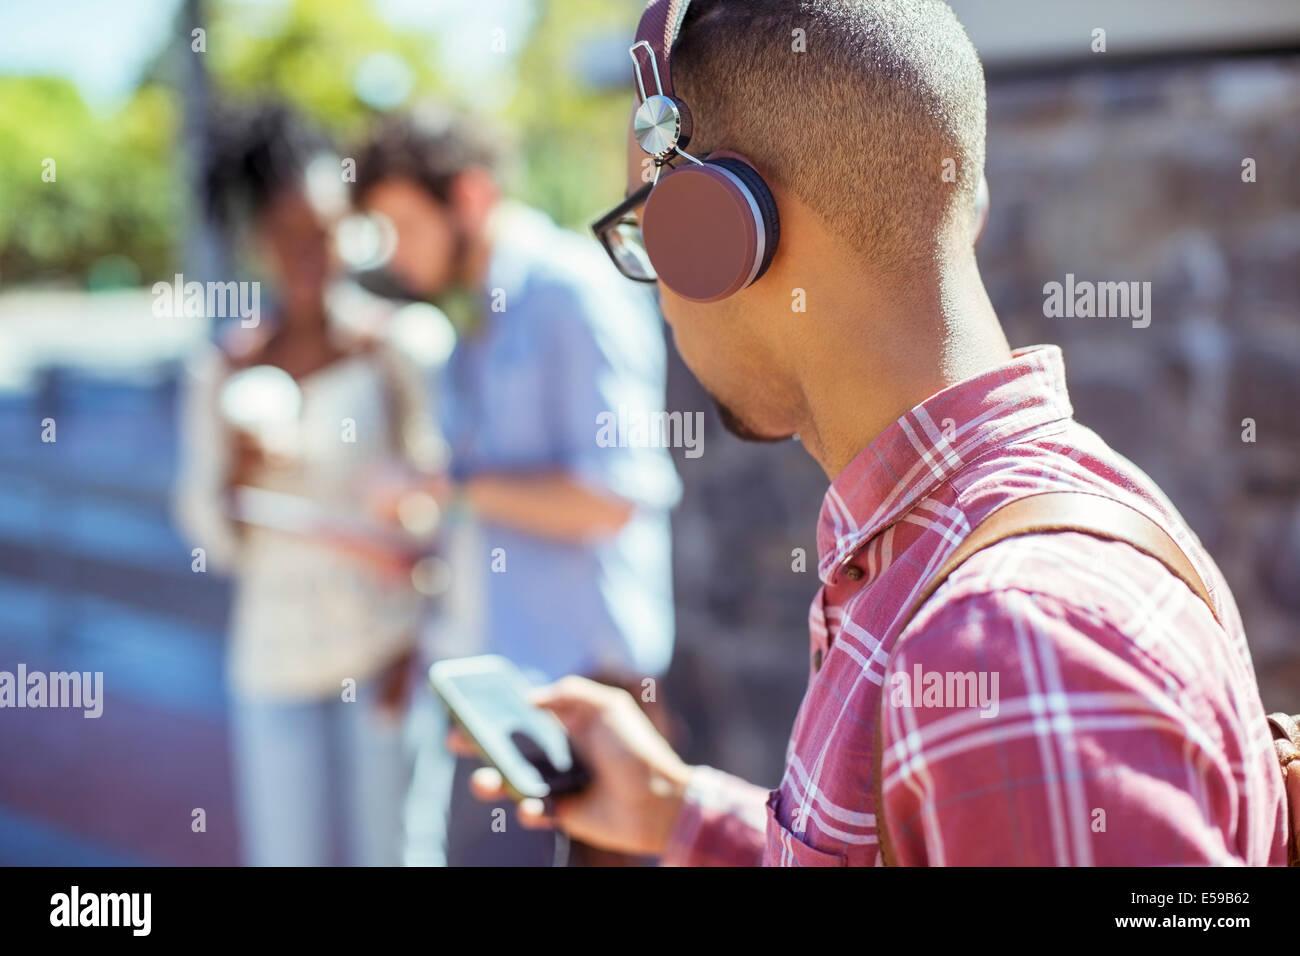 El hombre al escuchar el reproductor de mp3 al aire libre Imagen De Stock